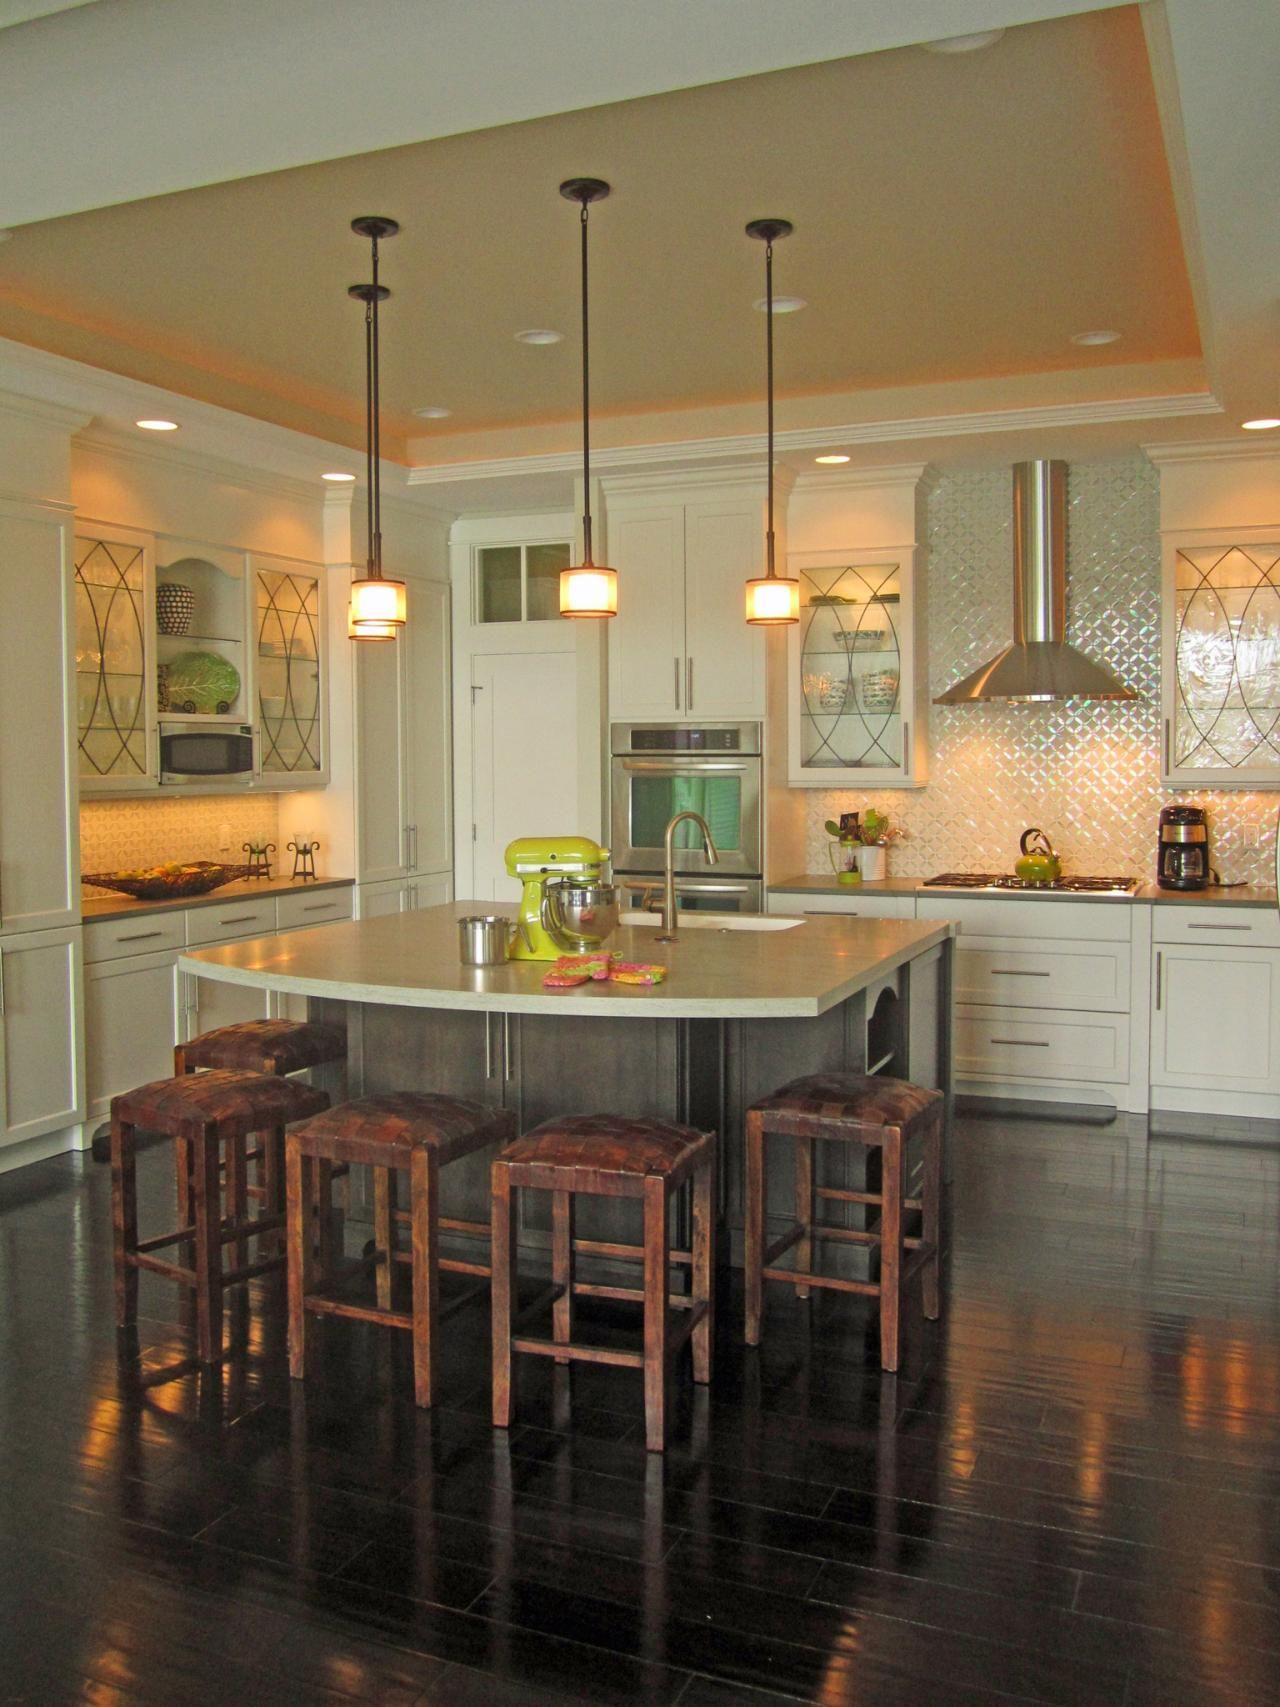 trendiest kitchen backsplash materials home ideas pinterest